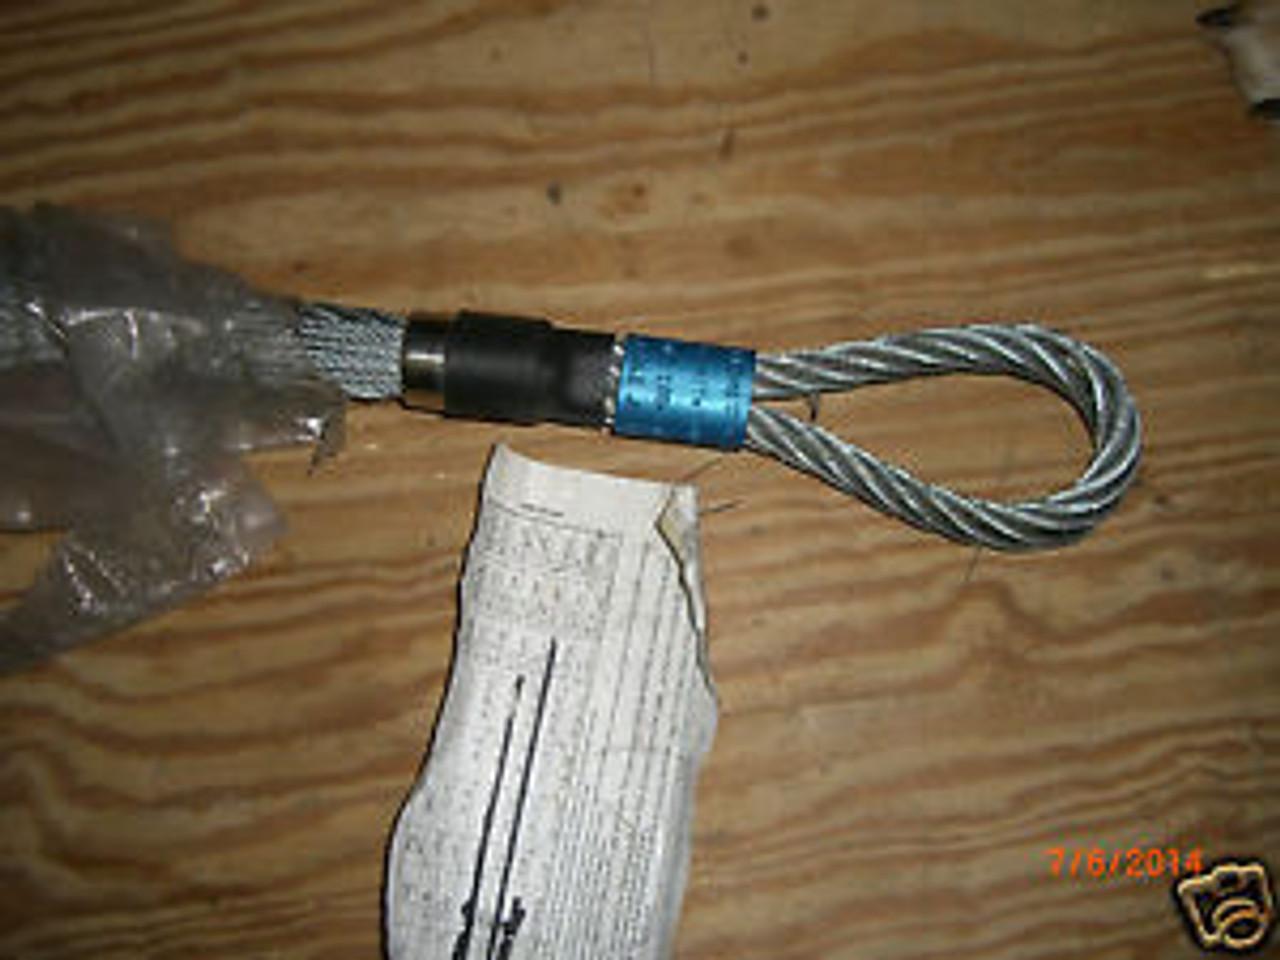 HUBBELL WIRING DEVICE-KELLEMS 033-03-017 Pullin Grip,Flexible Eye,2.00-2.49 In.